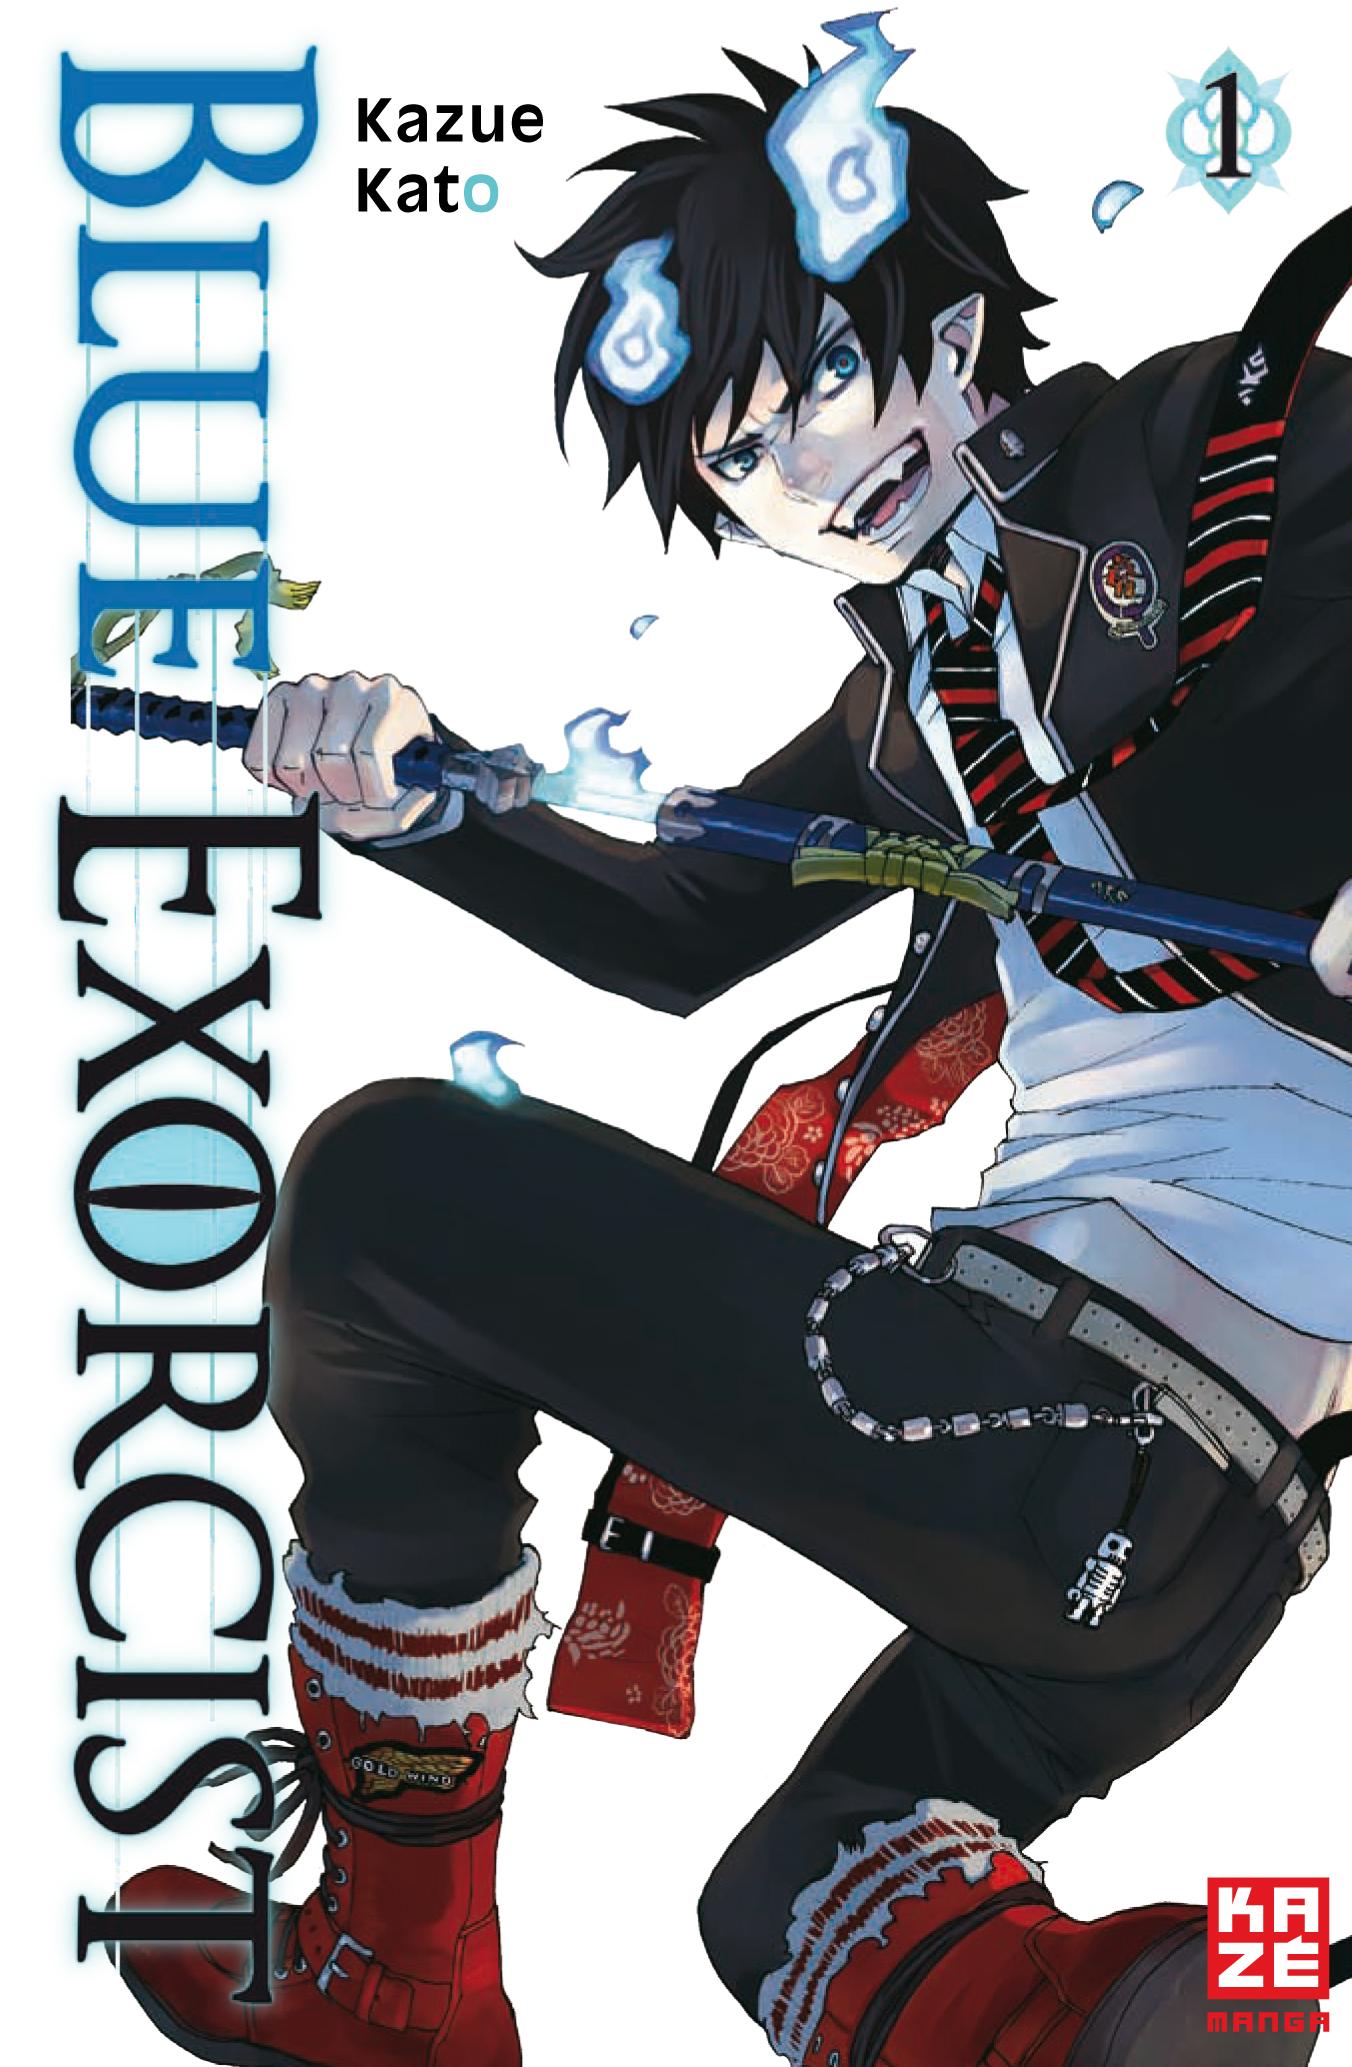 Blue Exorcist: Band 1 - Kazue Kato